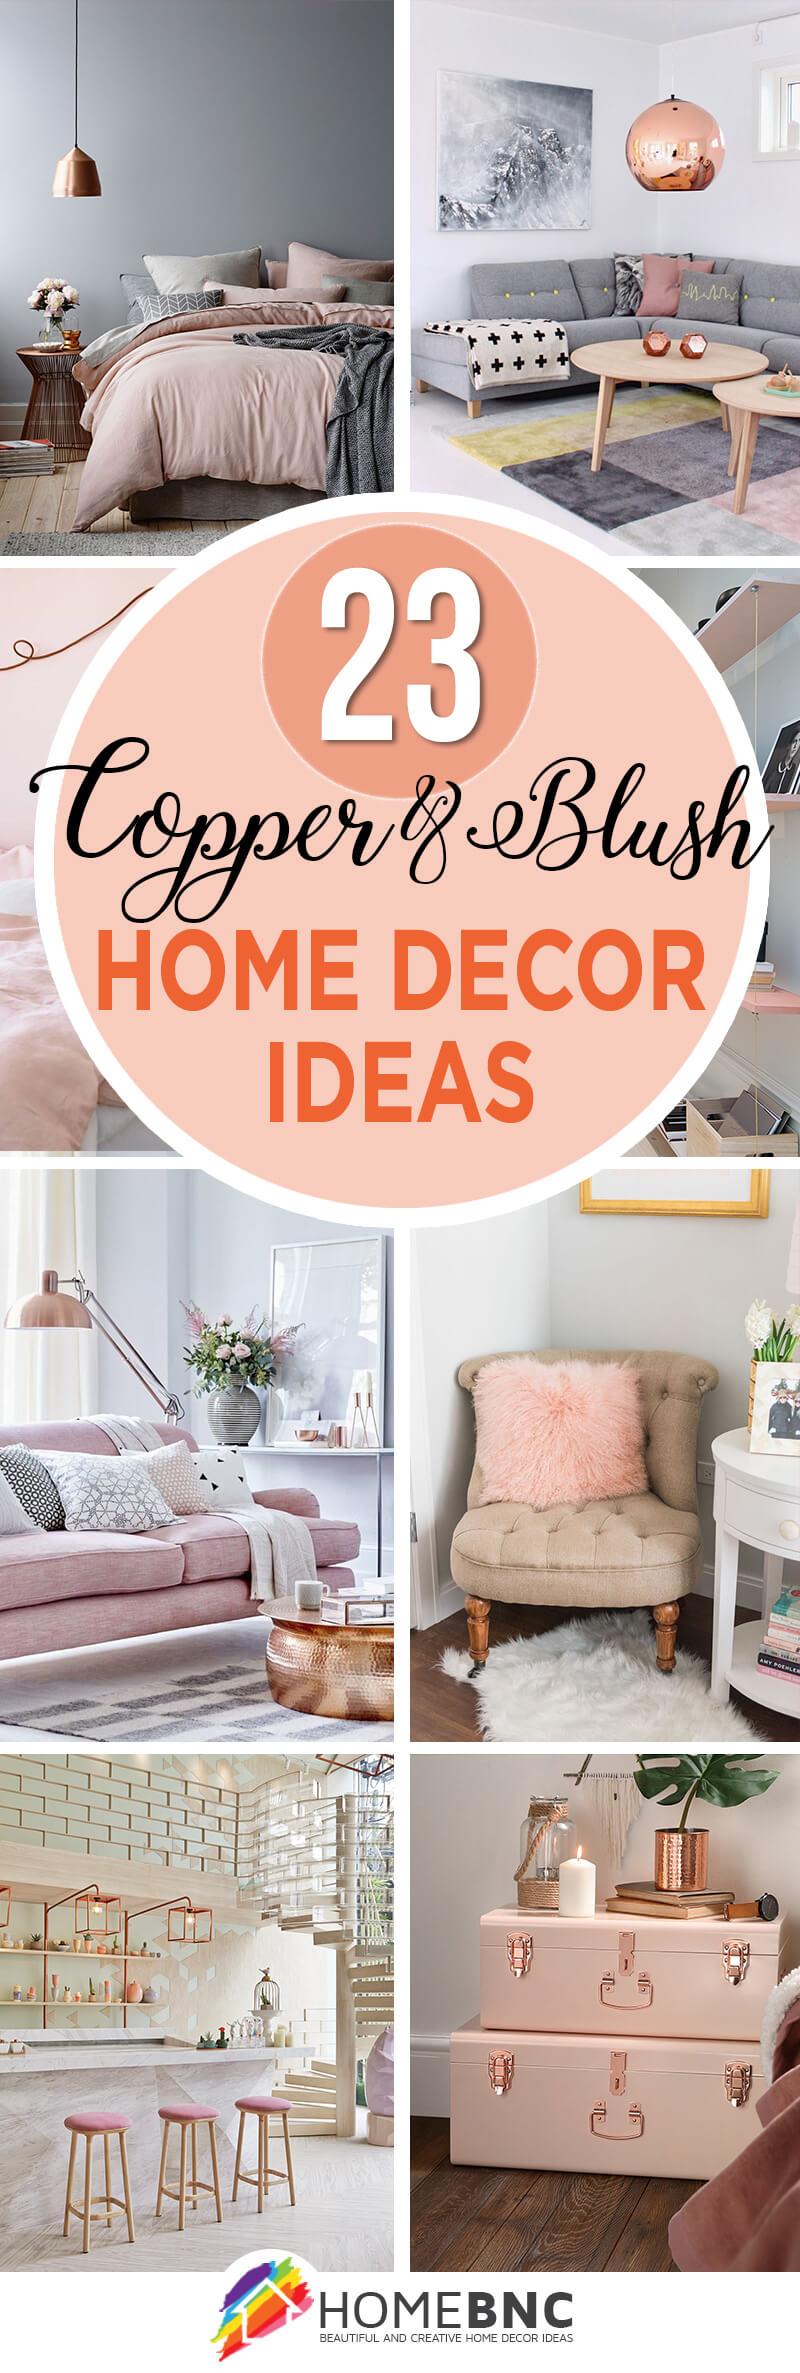 Copper and Blush Home Decor Ideas